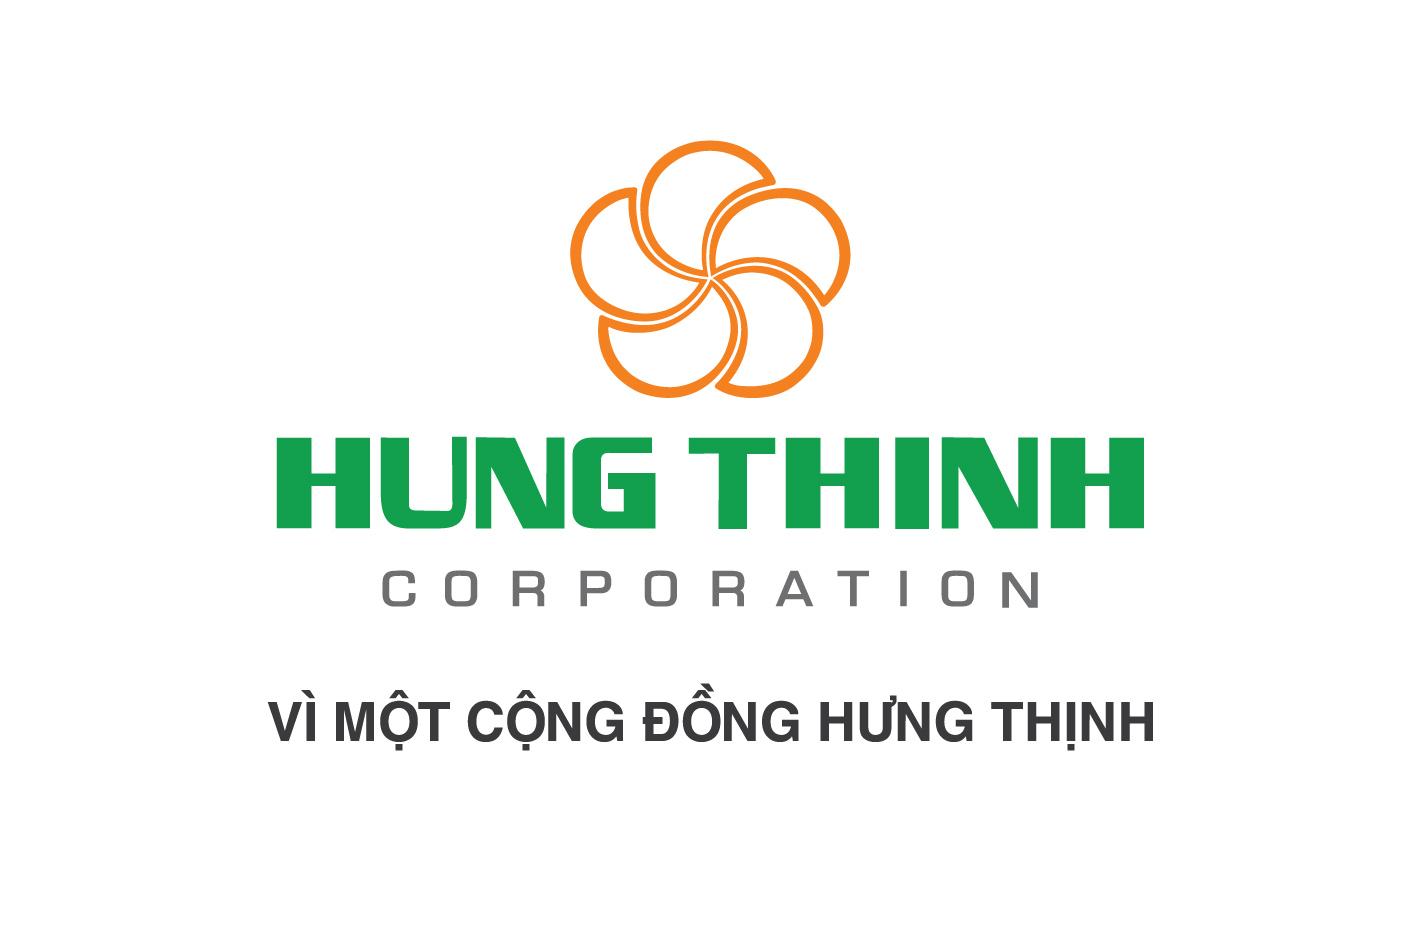 Logo hưng thịnh -hợp phát